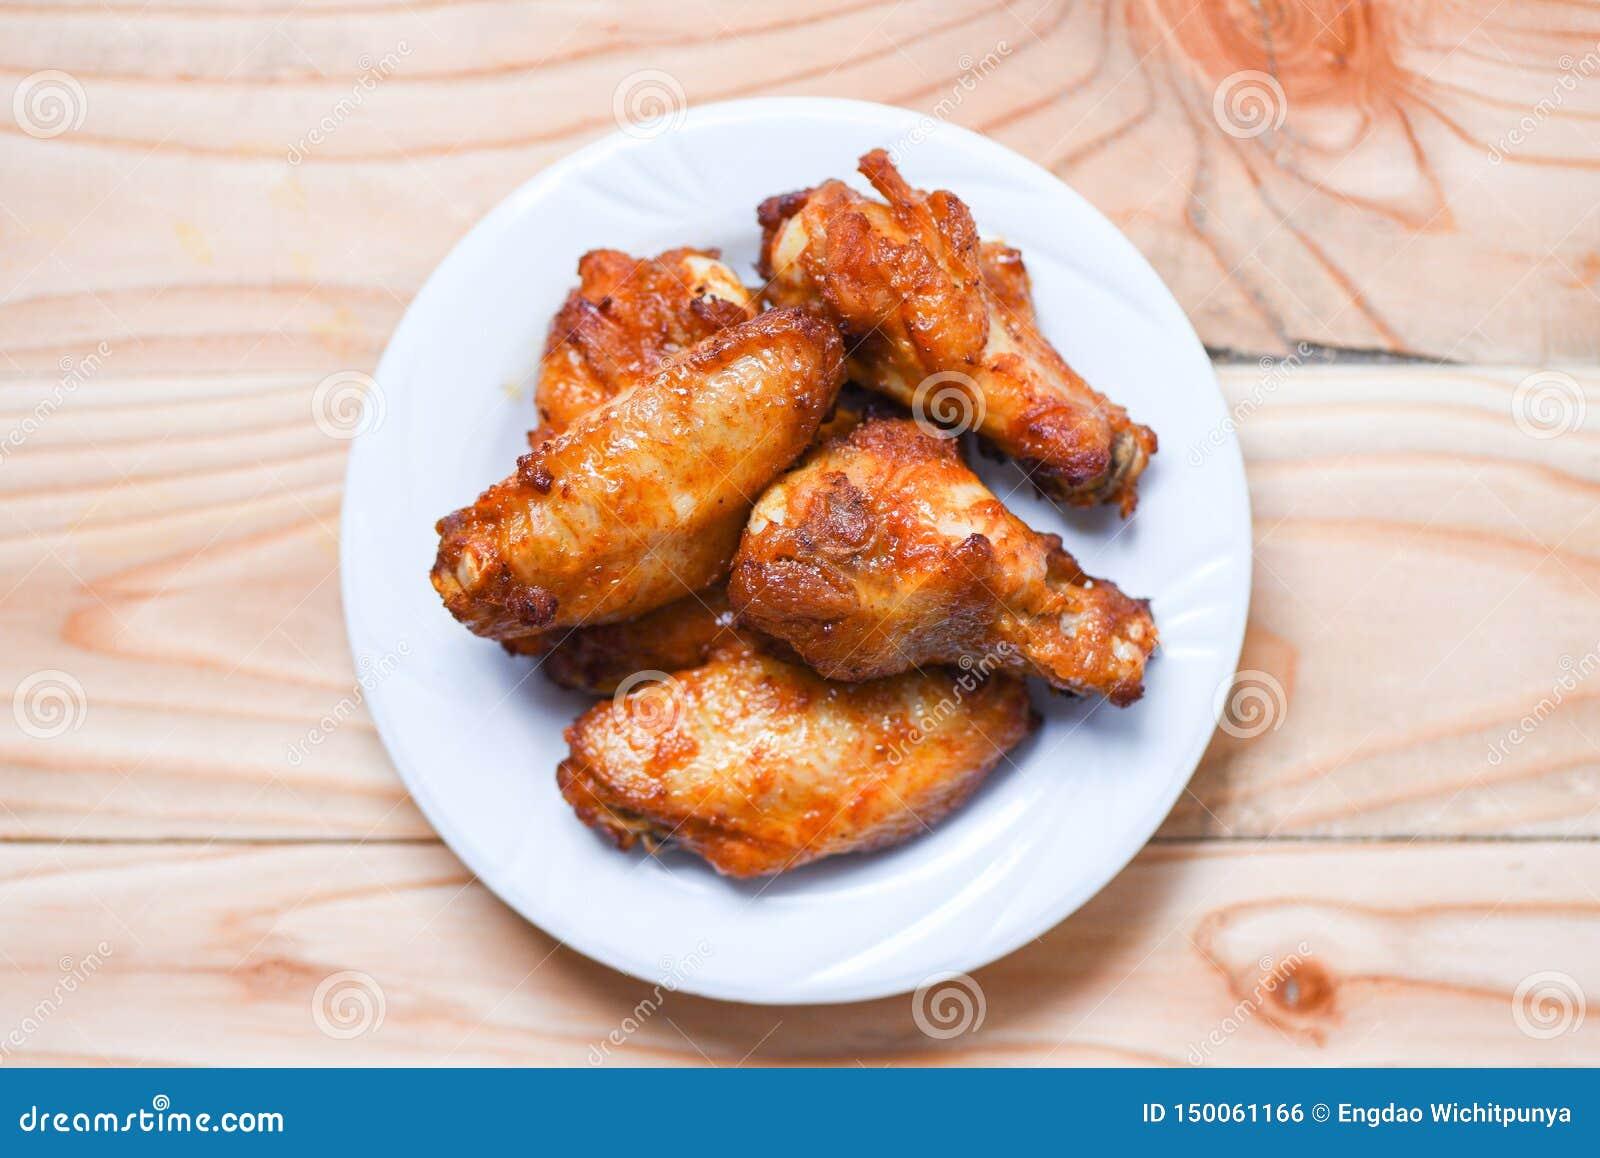 Gebackener Hühnerflügel bbq-Grill auf des Tabellen-Hintergrundes der Platte hölzernem heißem und würzigem Huhn - und Soße